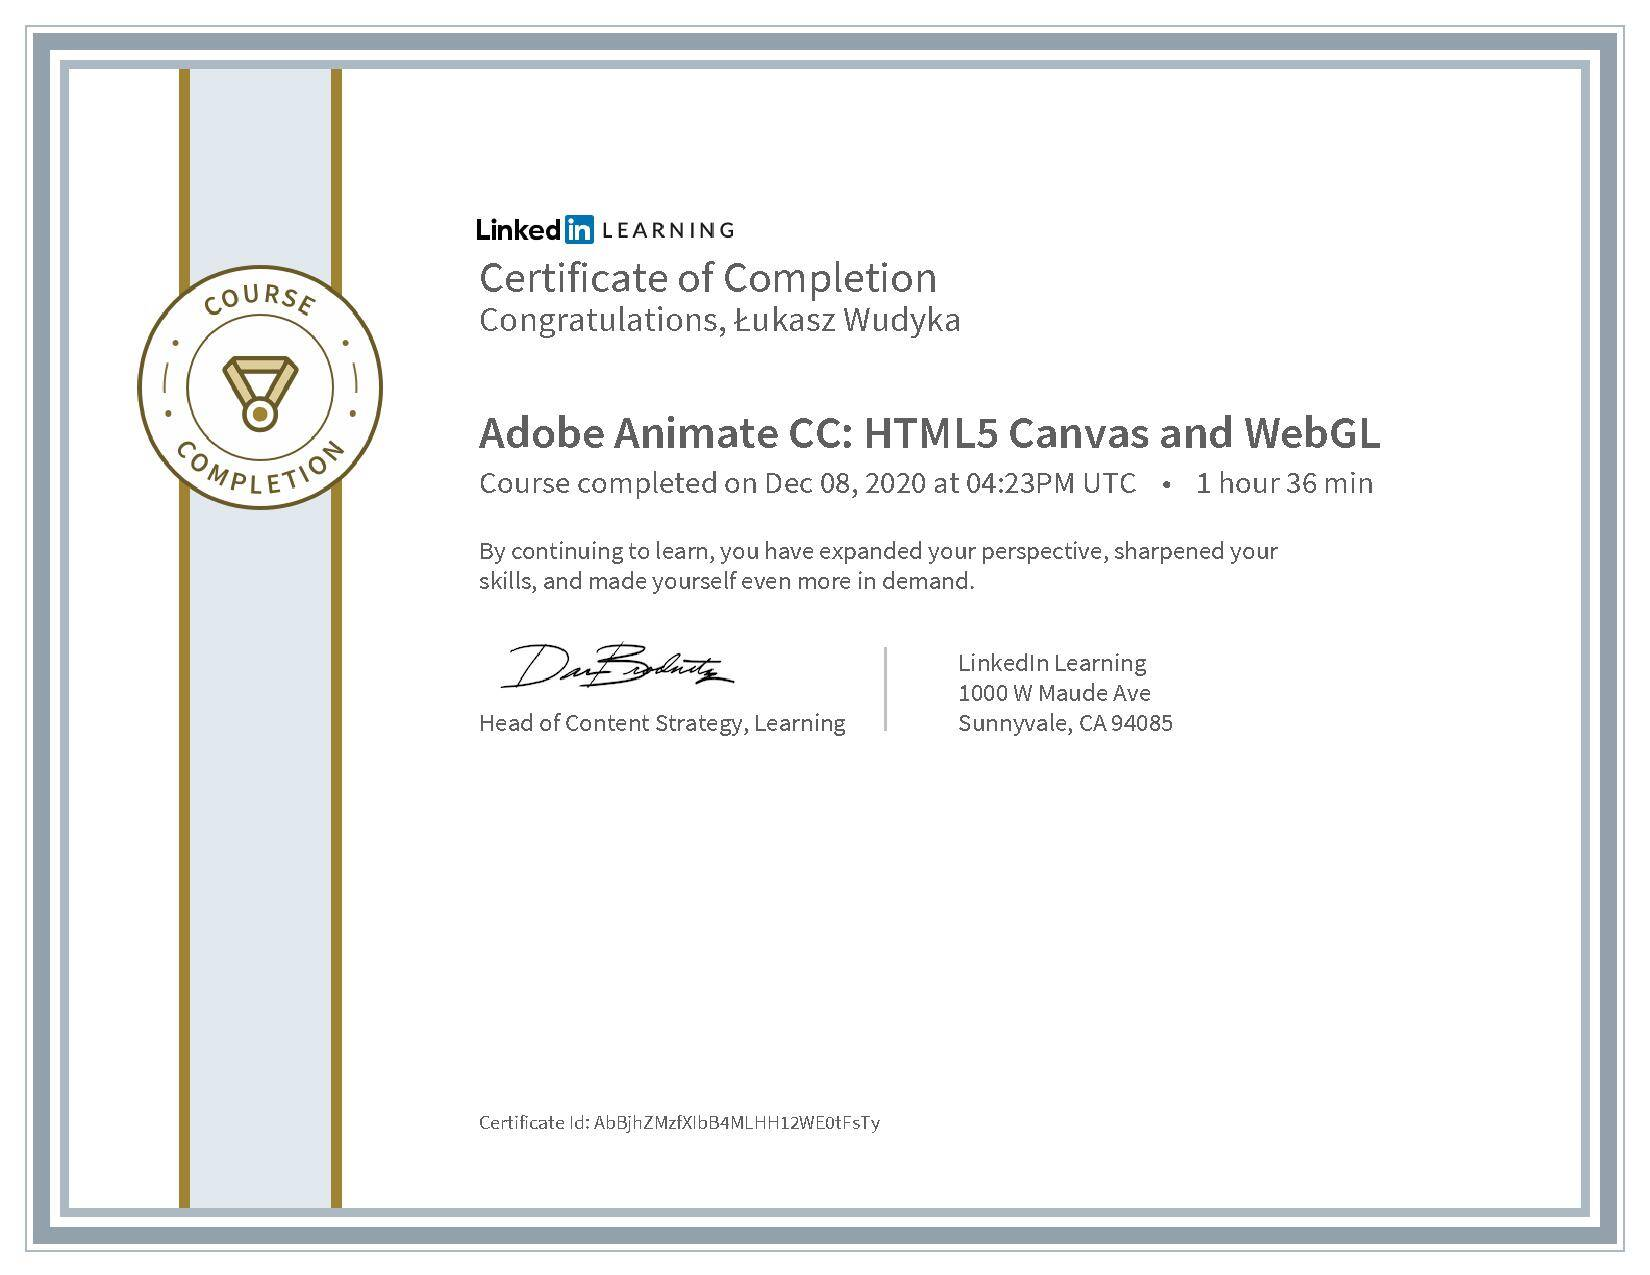 Łukasz Wudyka certyfikat - Adobe Animate CC HTML5 Canvas and WebGL